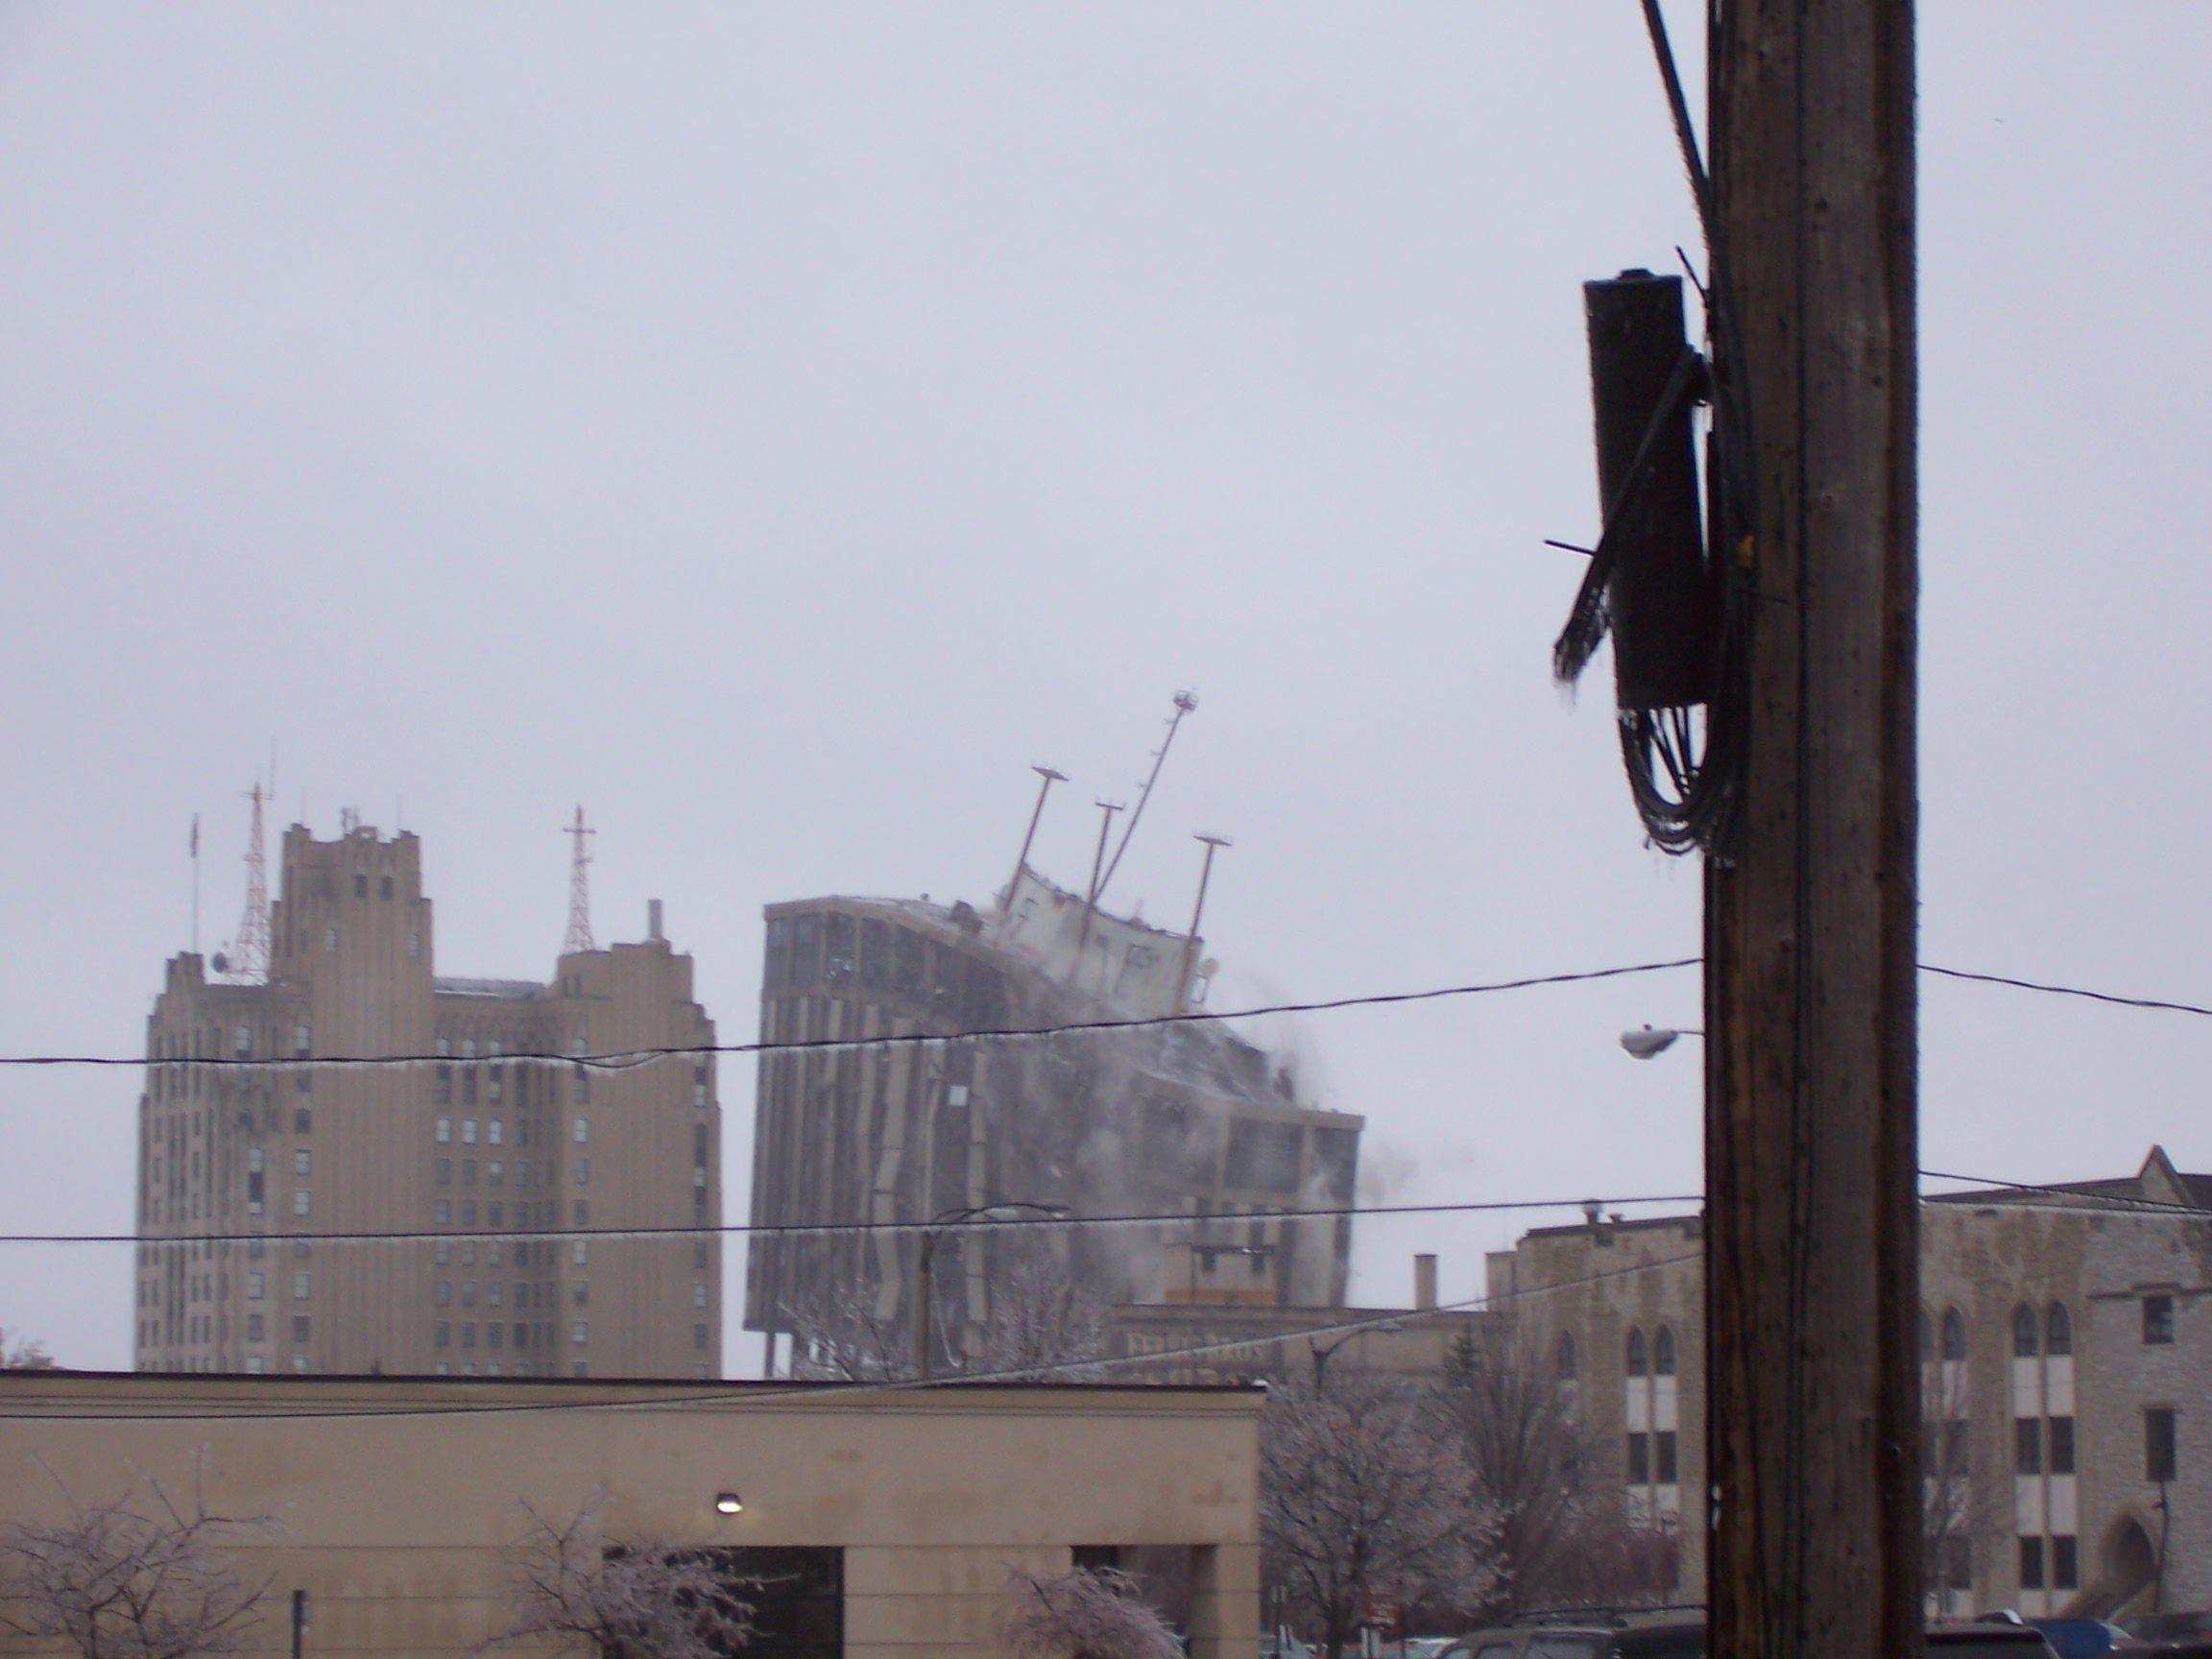 THE TOWER FALLING IN FLINT, MI